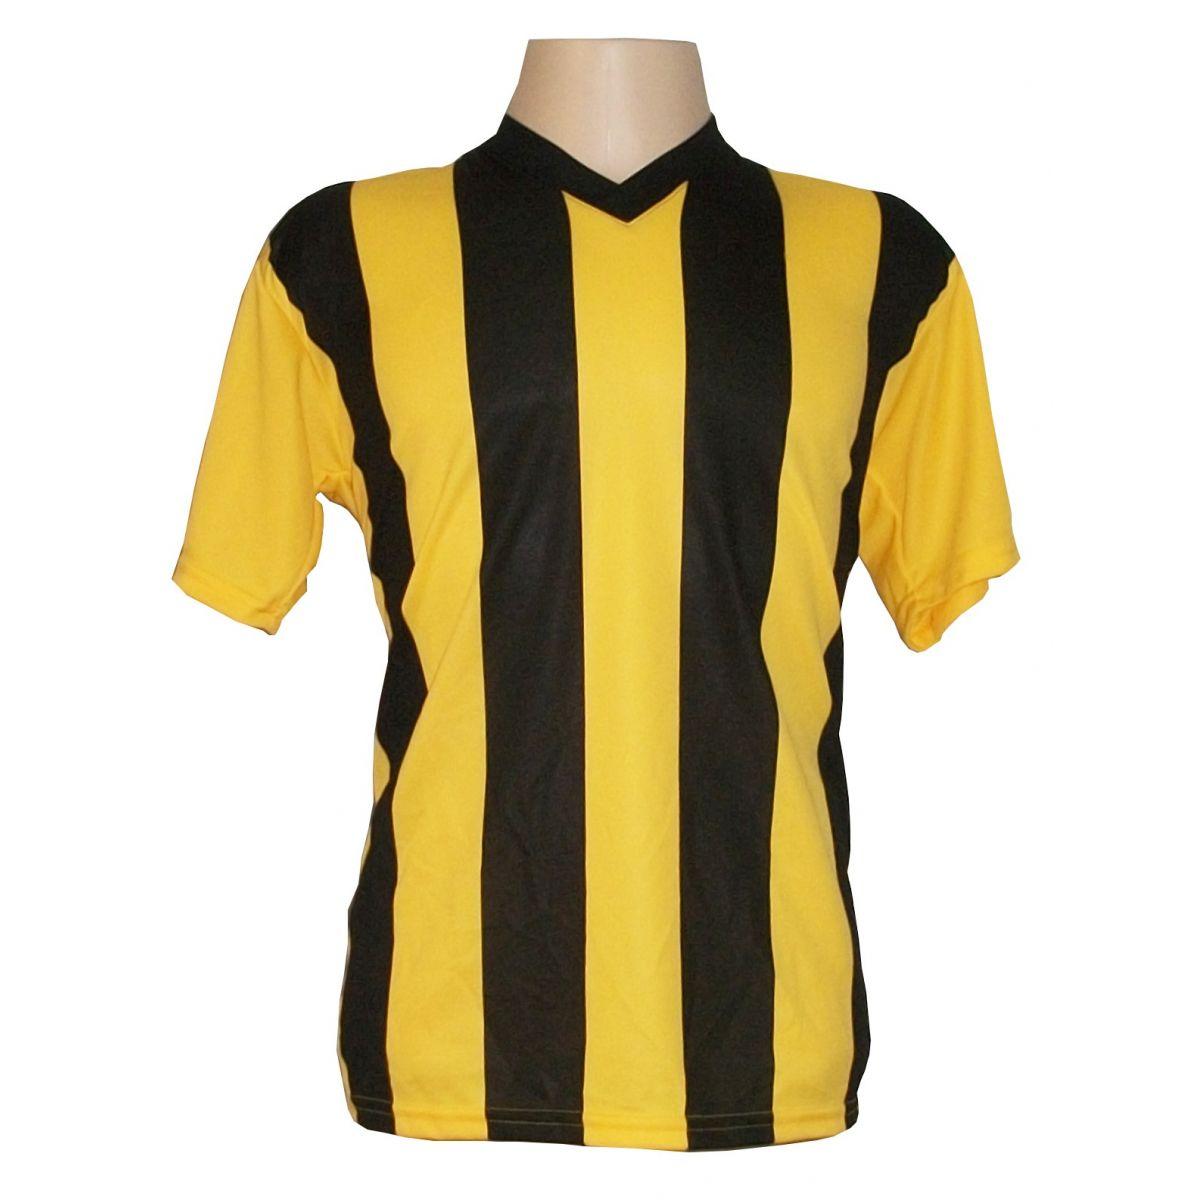 Jogo de Camisa Arizona 14 pe�as Amarelo/Preto - Listrado Frente e Costas - Frete Gr�tis + Brindes